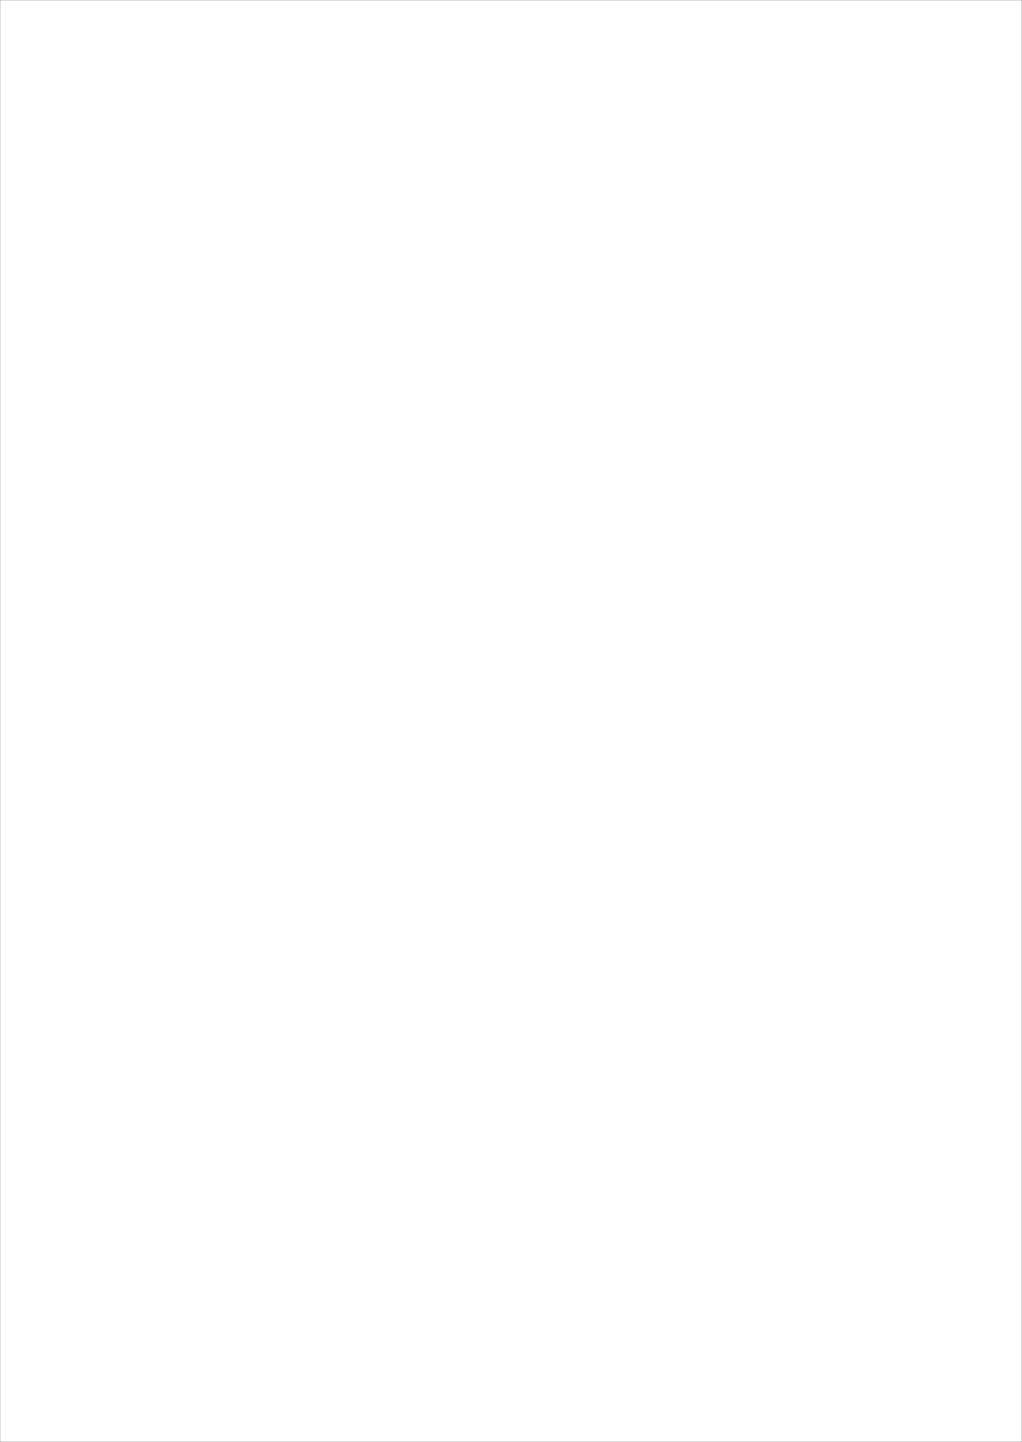 コトノハラバーズ VOL.06 【お姉ちゃん観察日記】 22